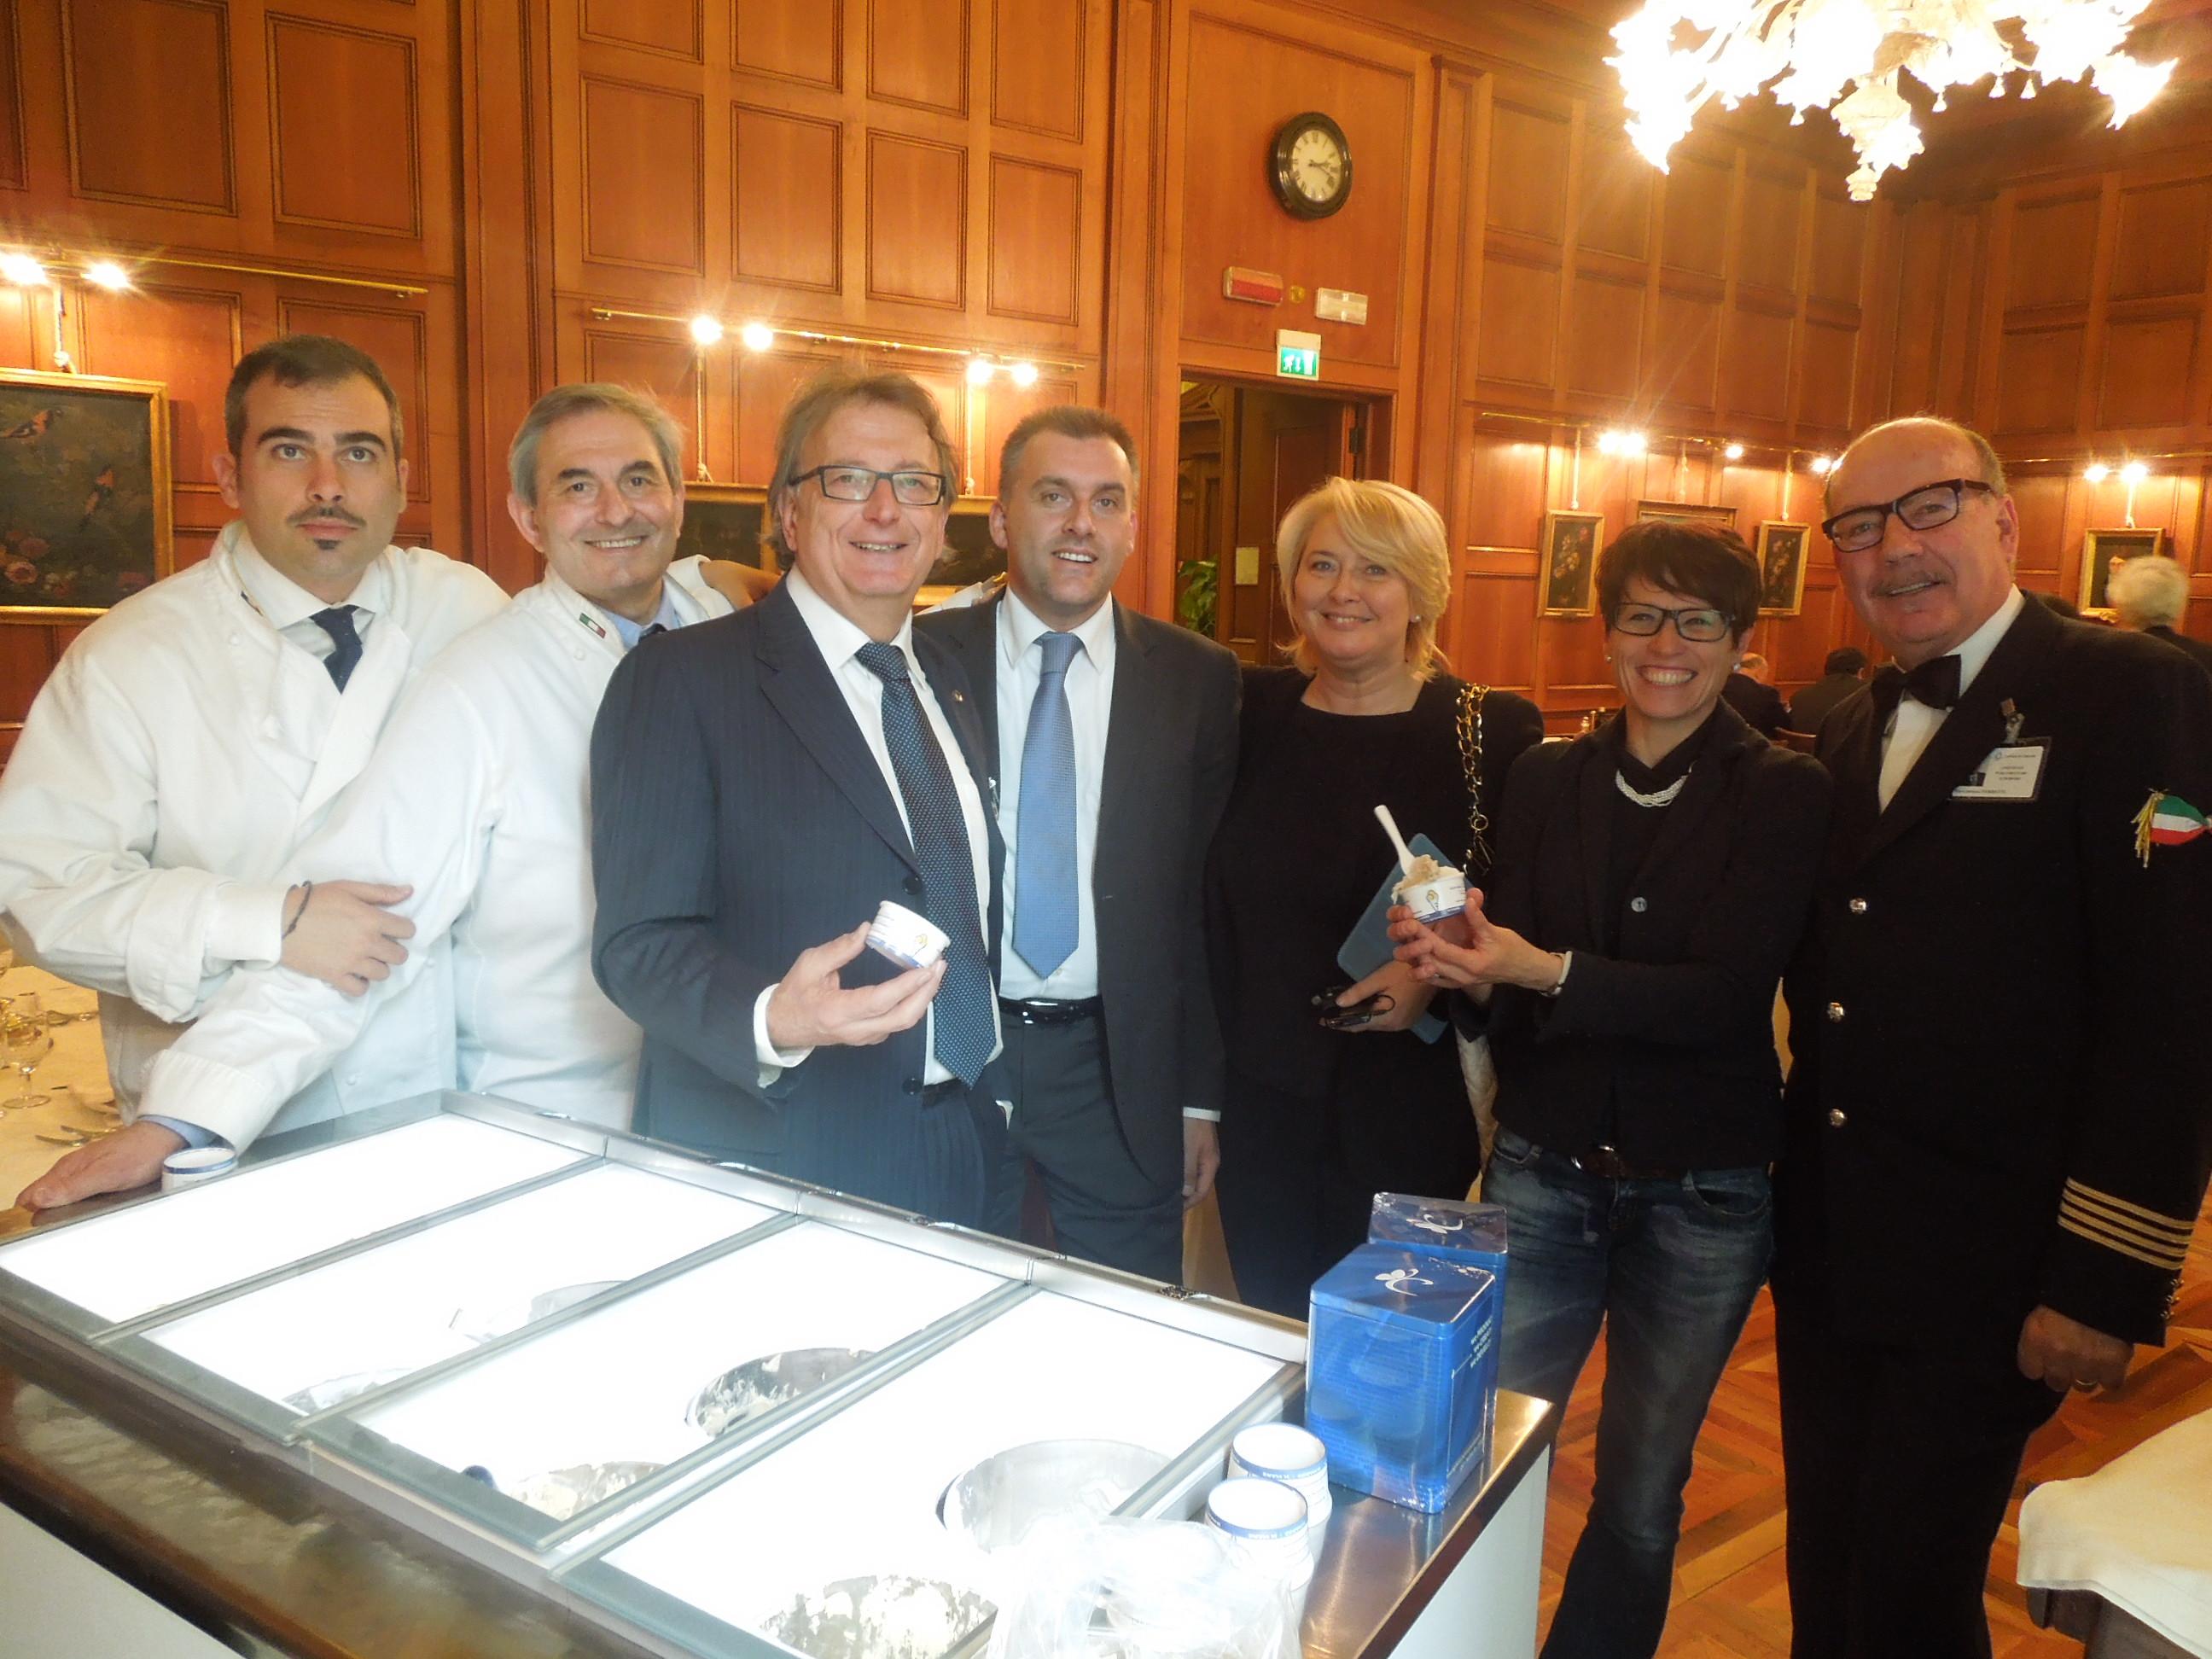 Longarone fiere dolomiti promuove il gelato artigianale al for News parlamento italiano